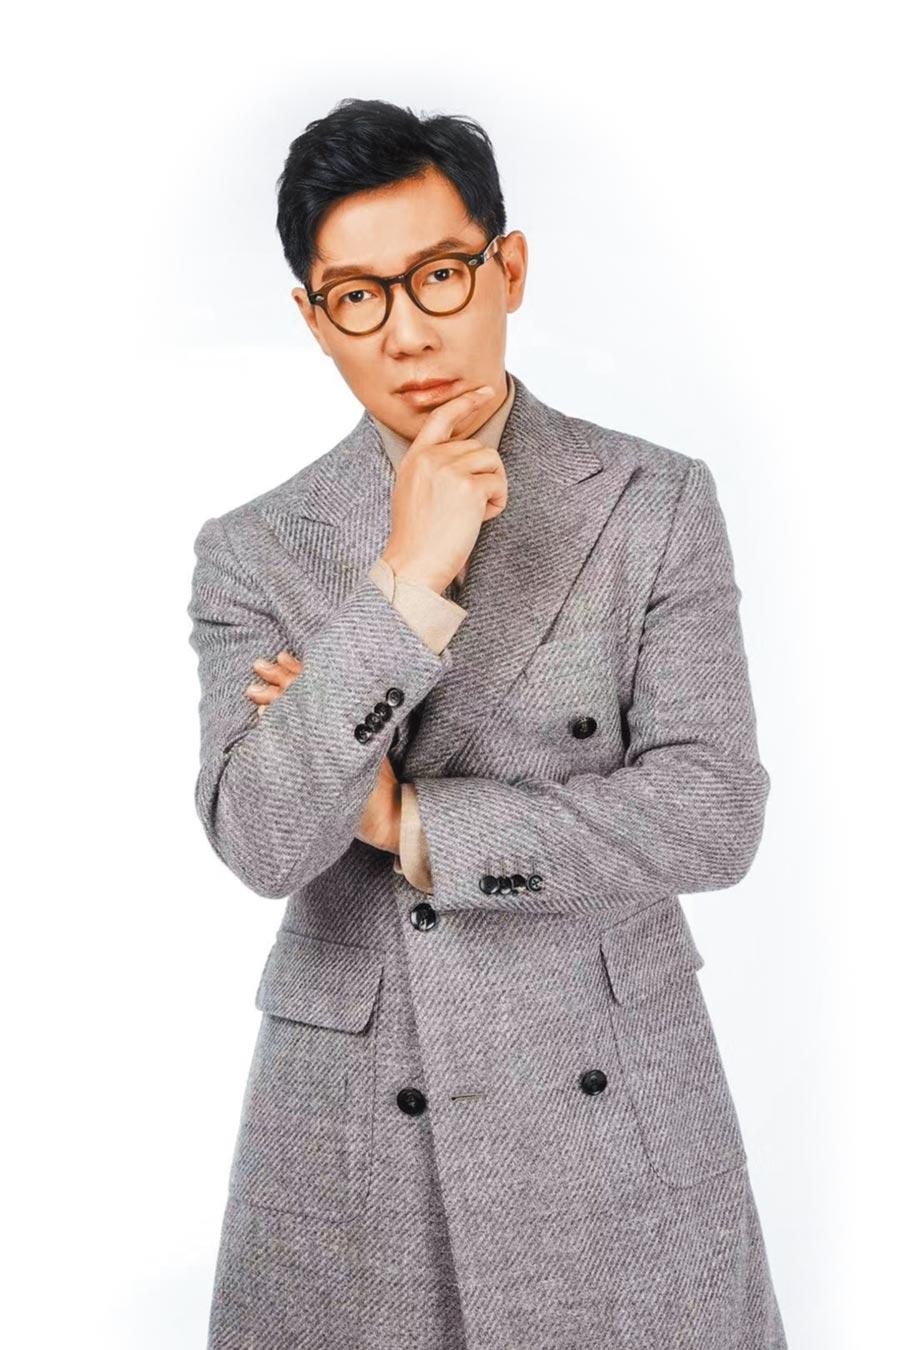 品冠擔綱男主角的音樂劇《當愛已成往事》今在上海首演。(海蝶提供)